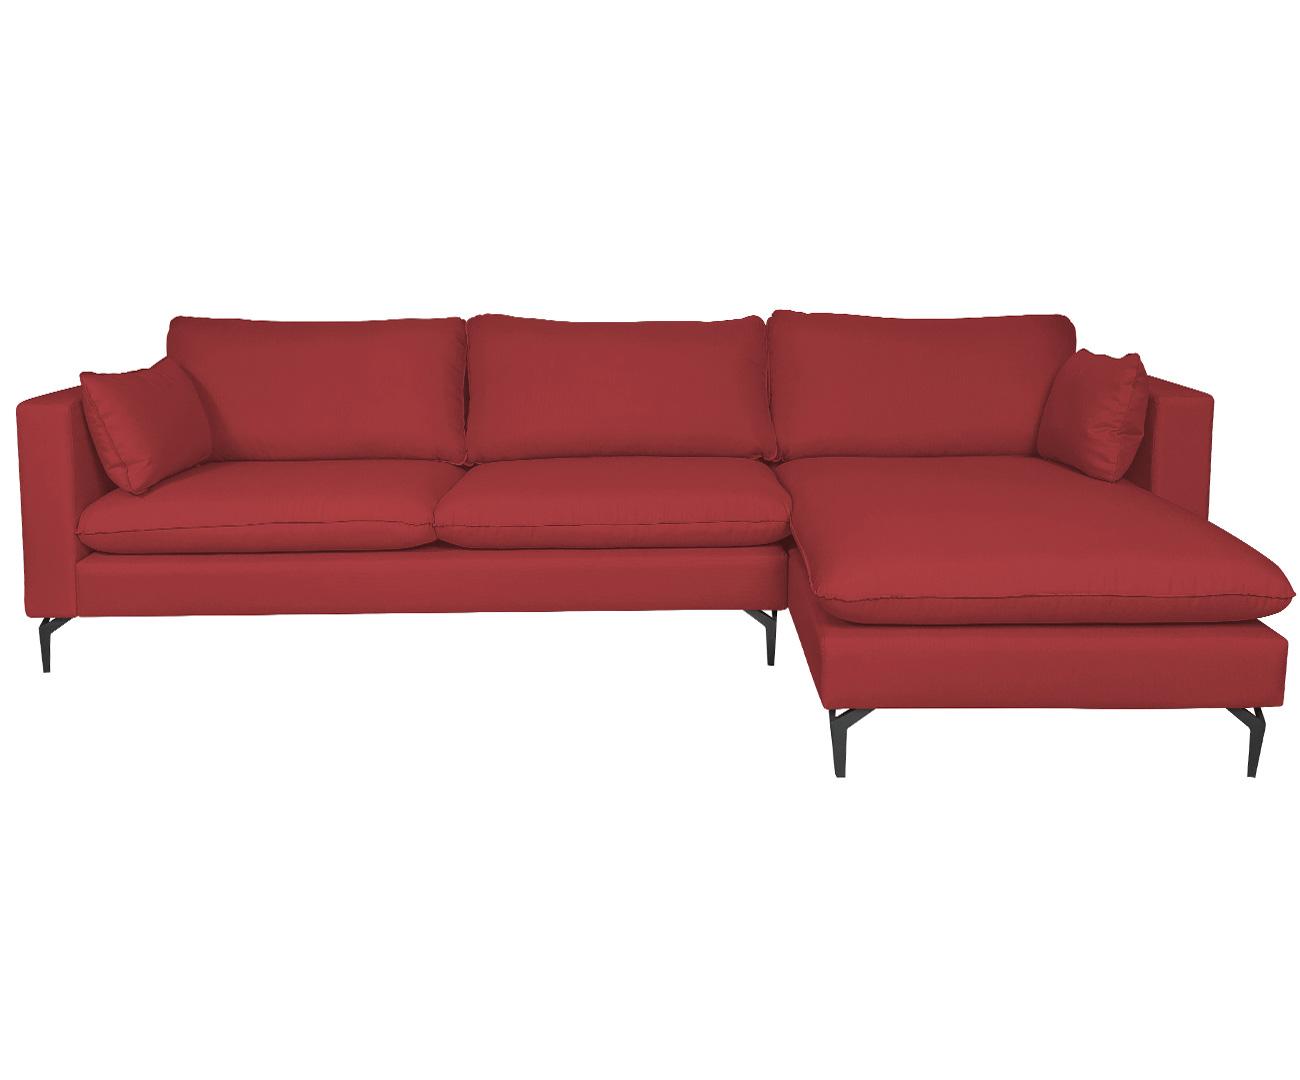 sofá com chaise 3 lugares arco 1232